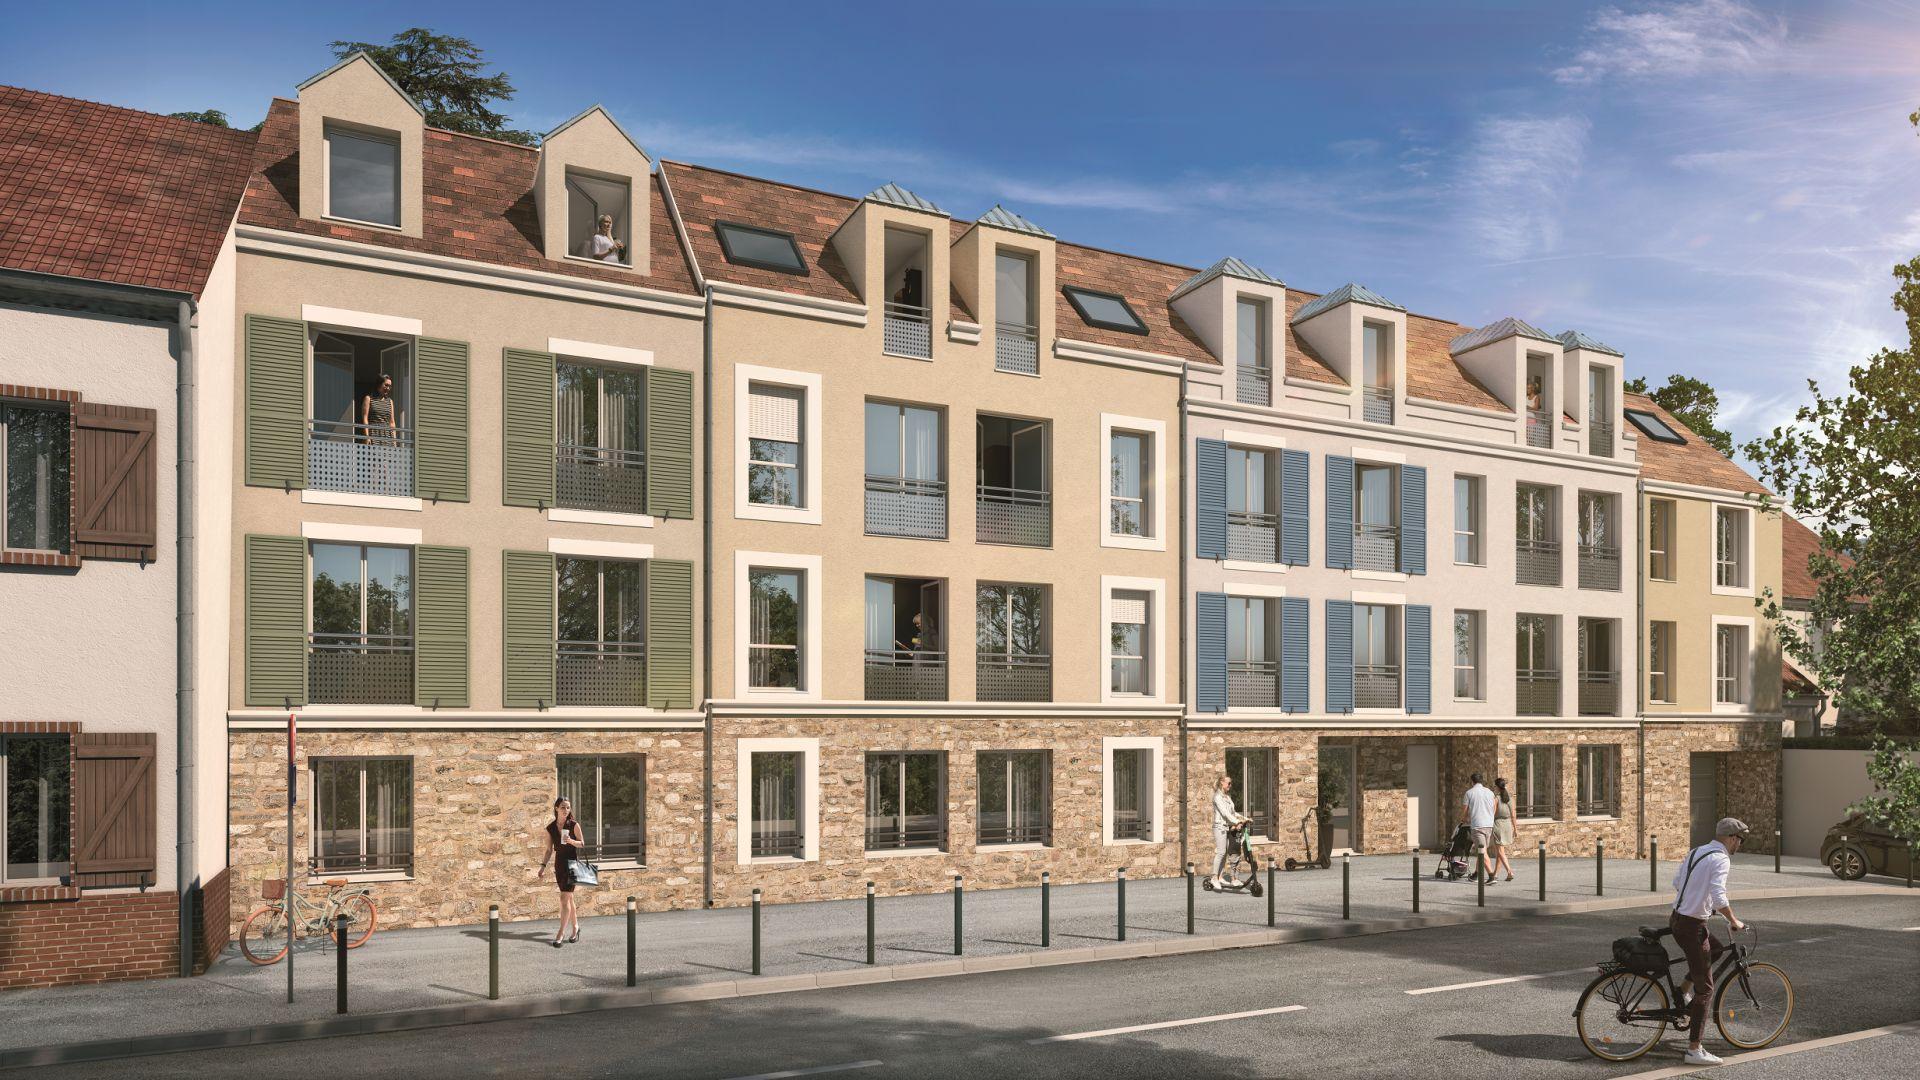 Greencity Immobilier - Le Sisley - achat appartements du T2 au T4 - Pontault-Combault 77340